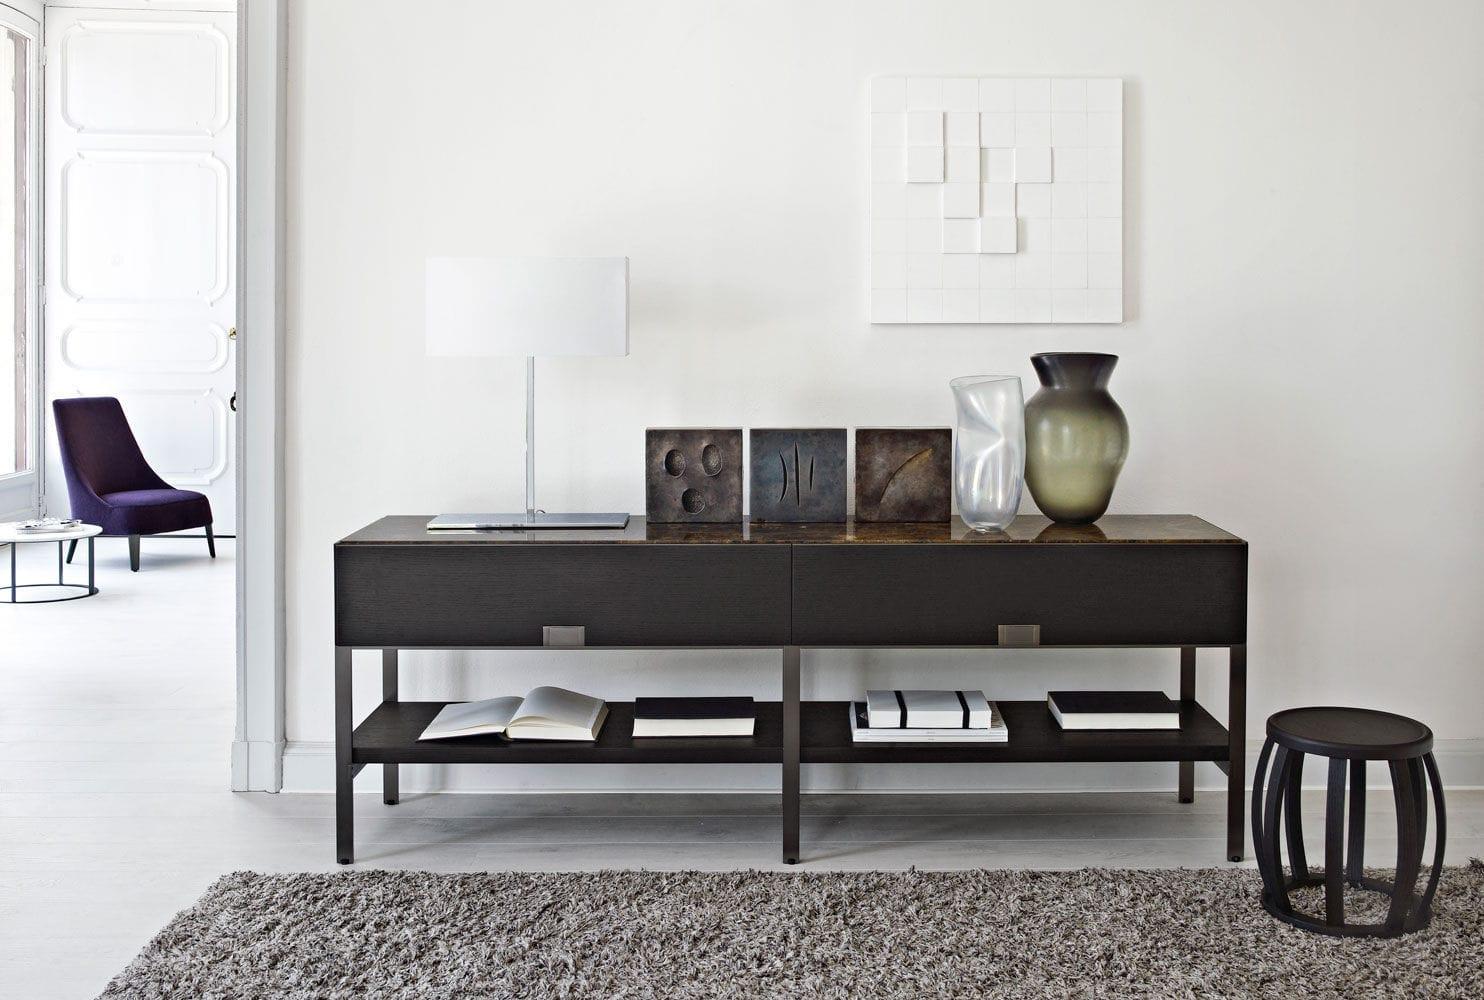 Exquisit Konsolentische Modern Dekoration Von Moderner Konsolentisch / Massivholz / Rechteckig /